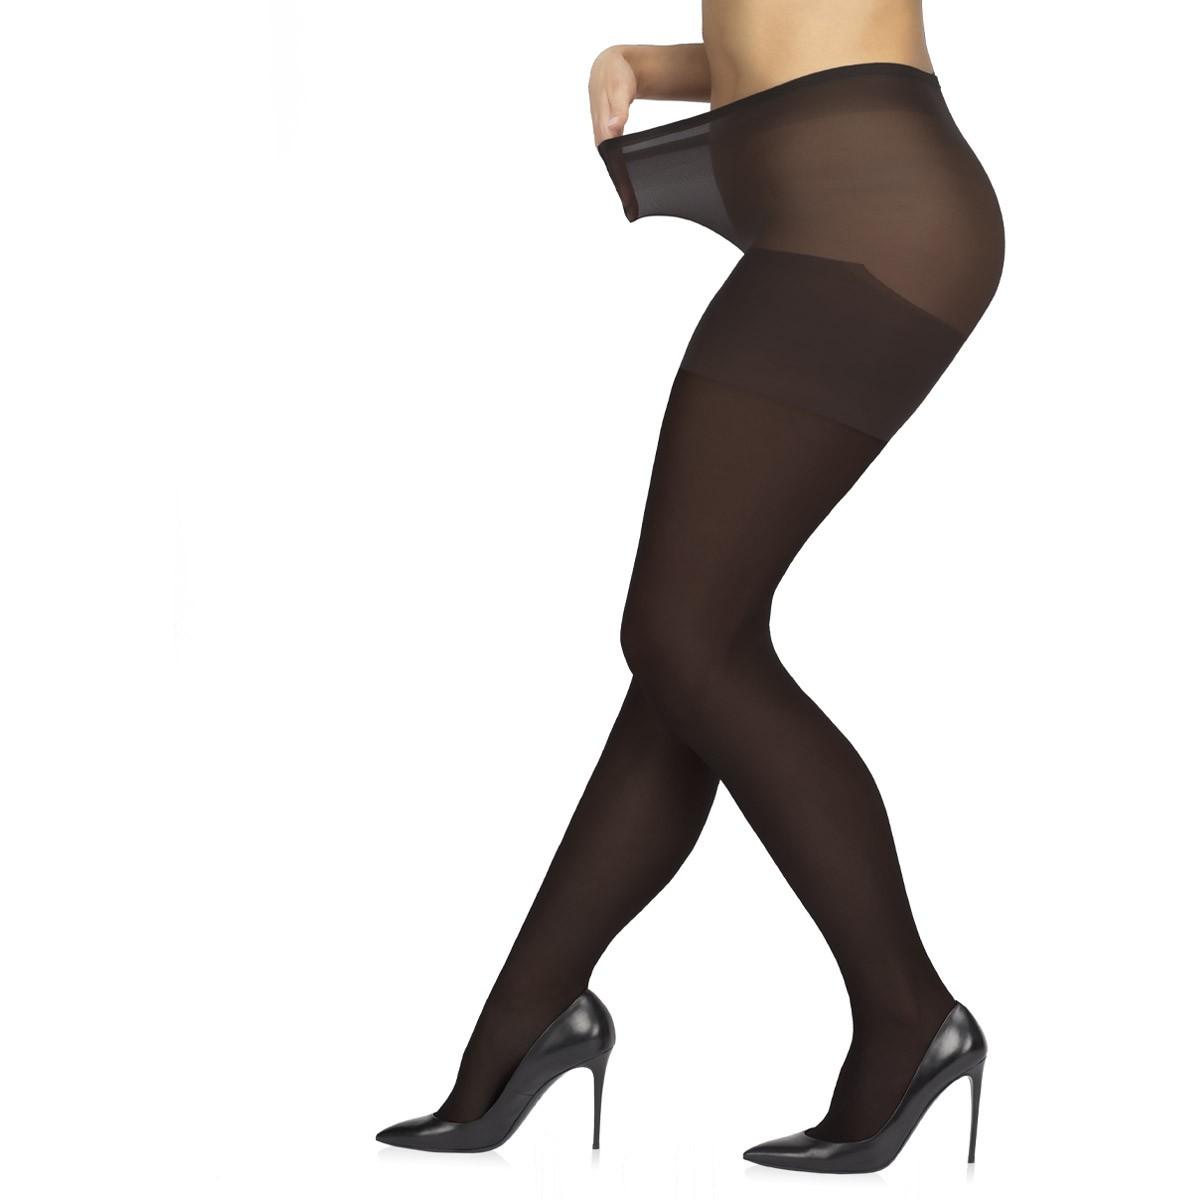 Acciaio - 1311250